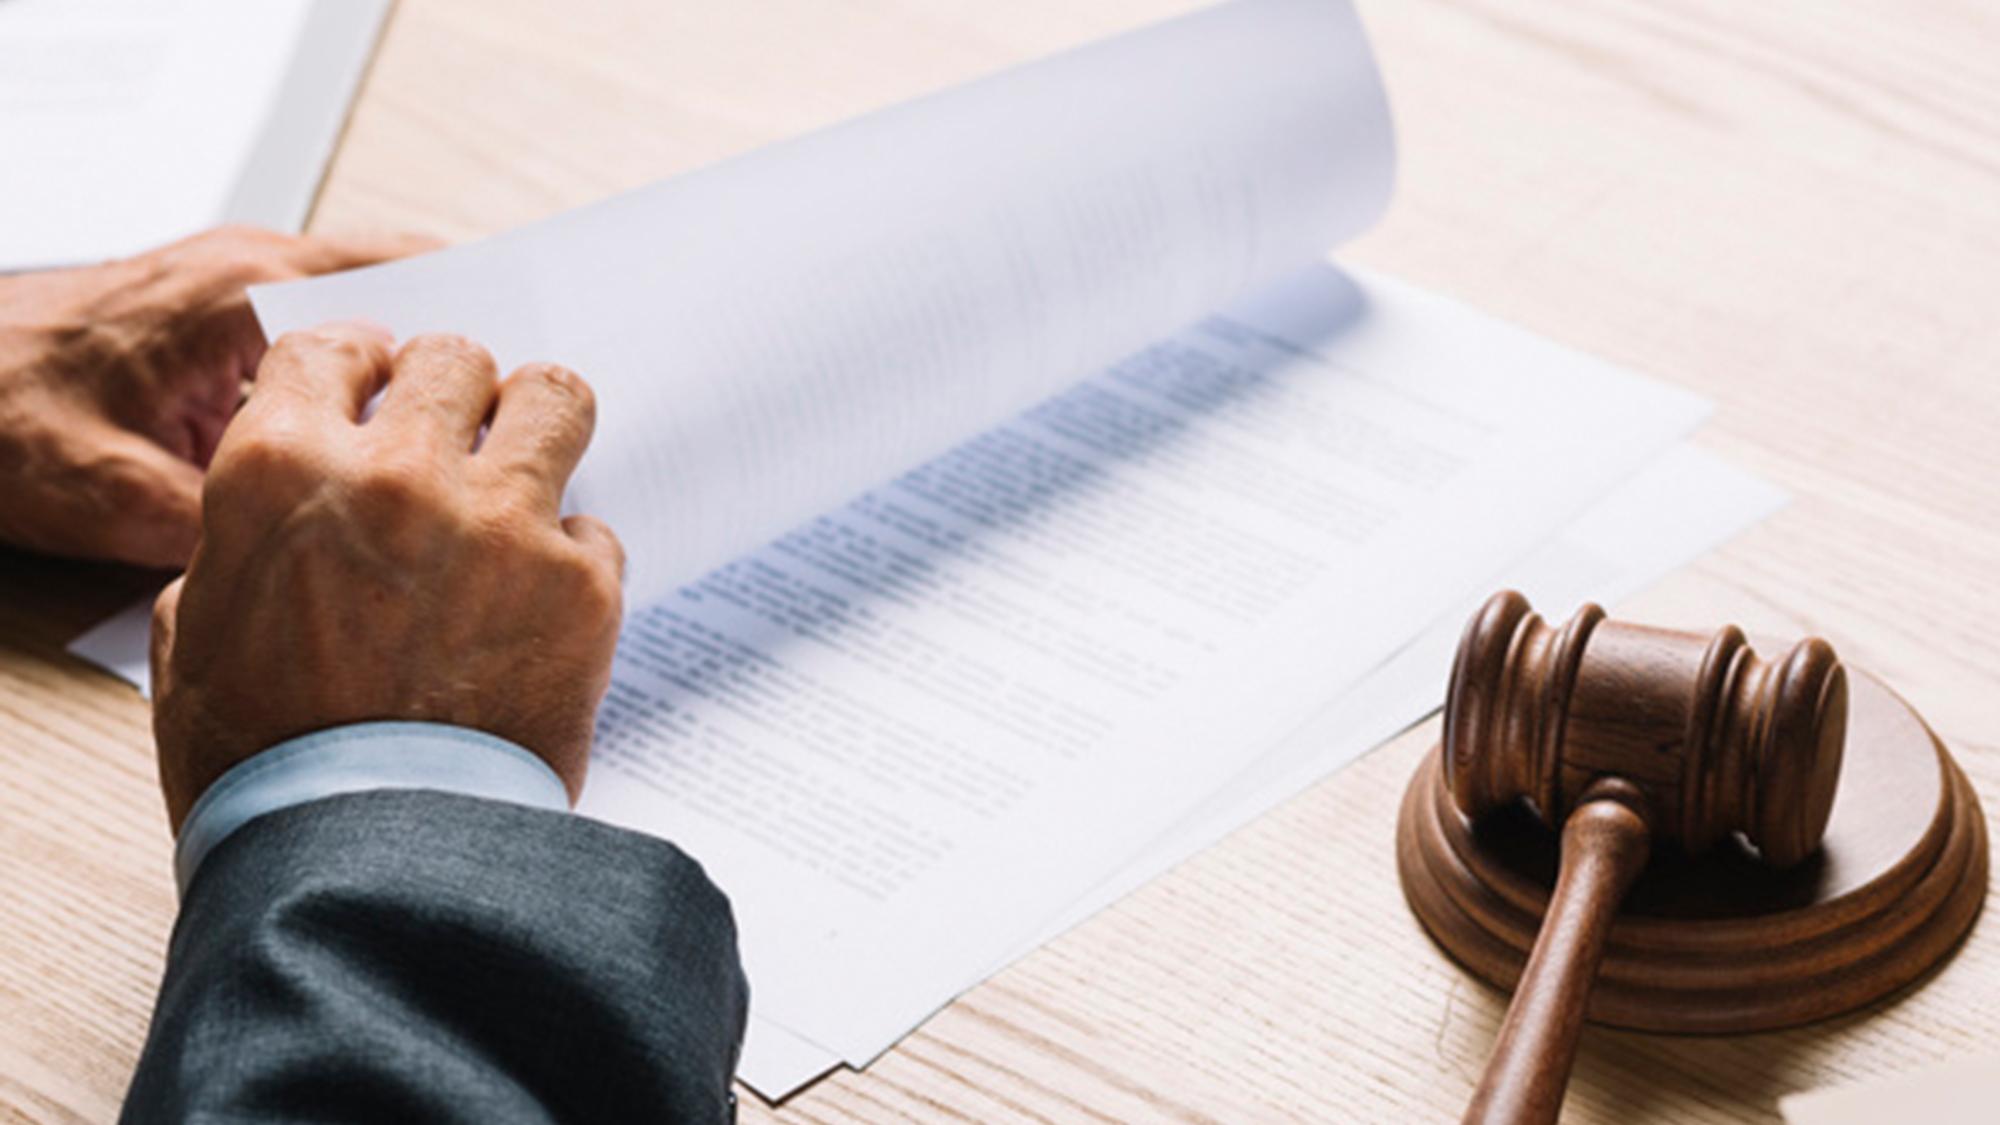 תביעה: העוברים לא דוללו – התאומים משותקים